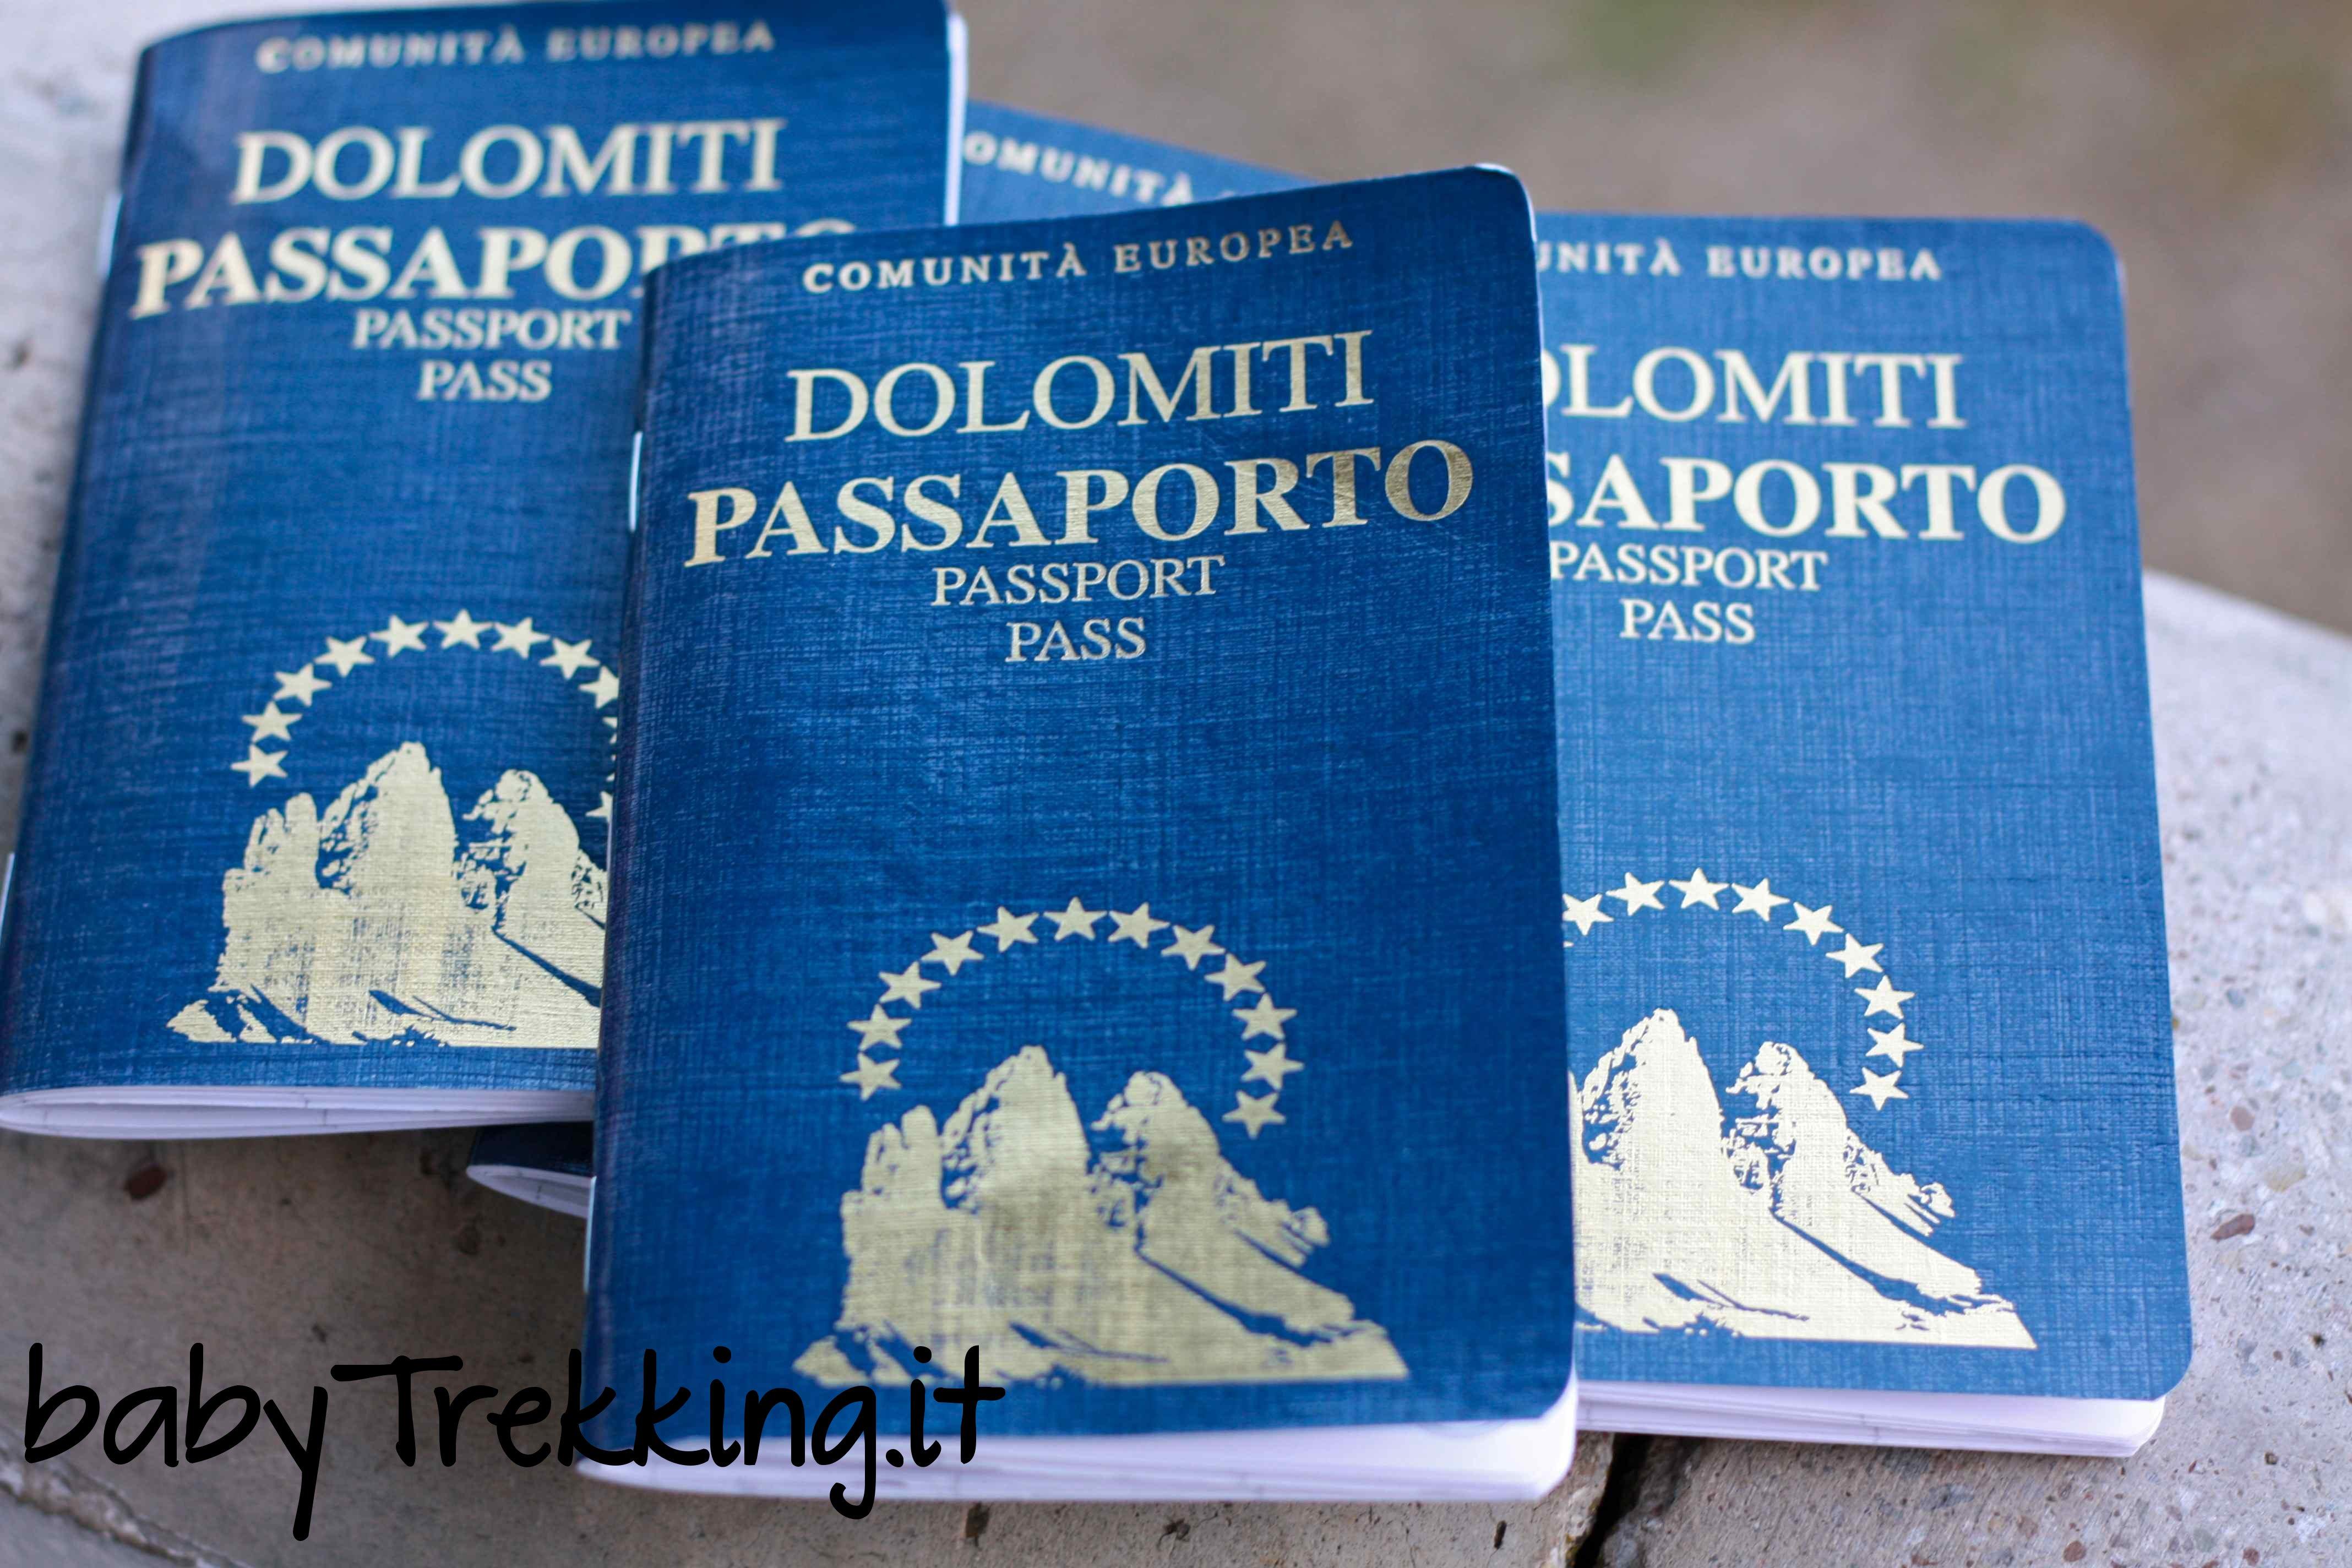 Passaporto delle Dolomiti: bellissima idea regalo per i bambini (e non solo!)